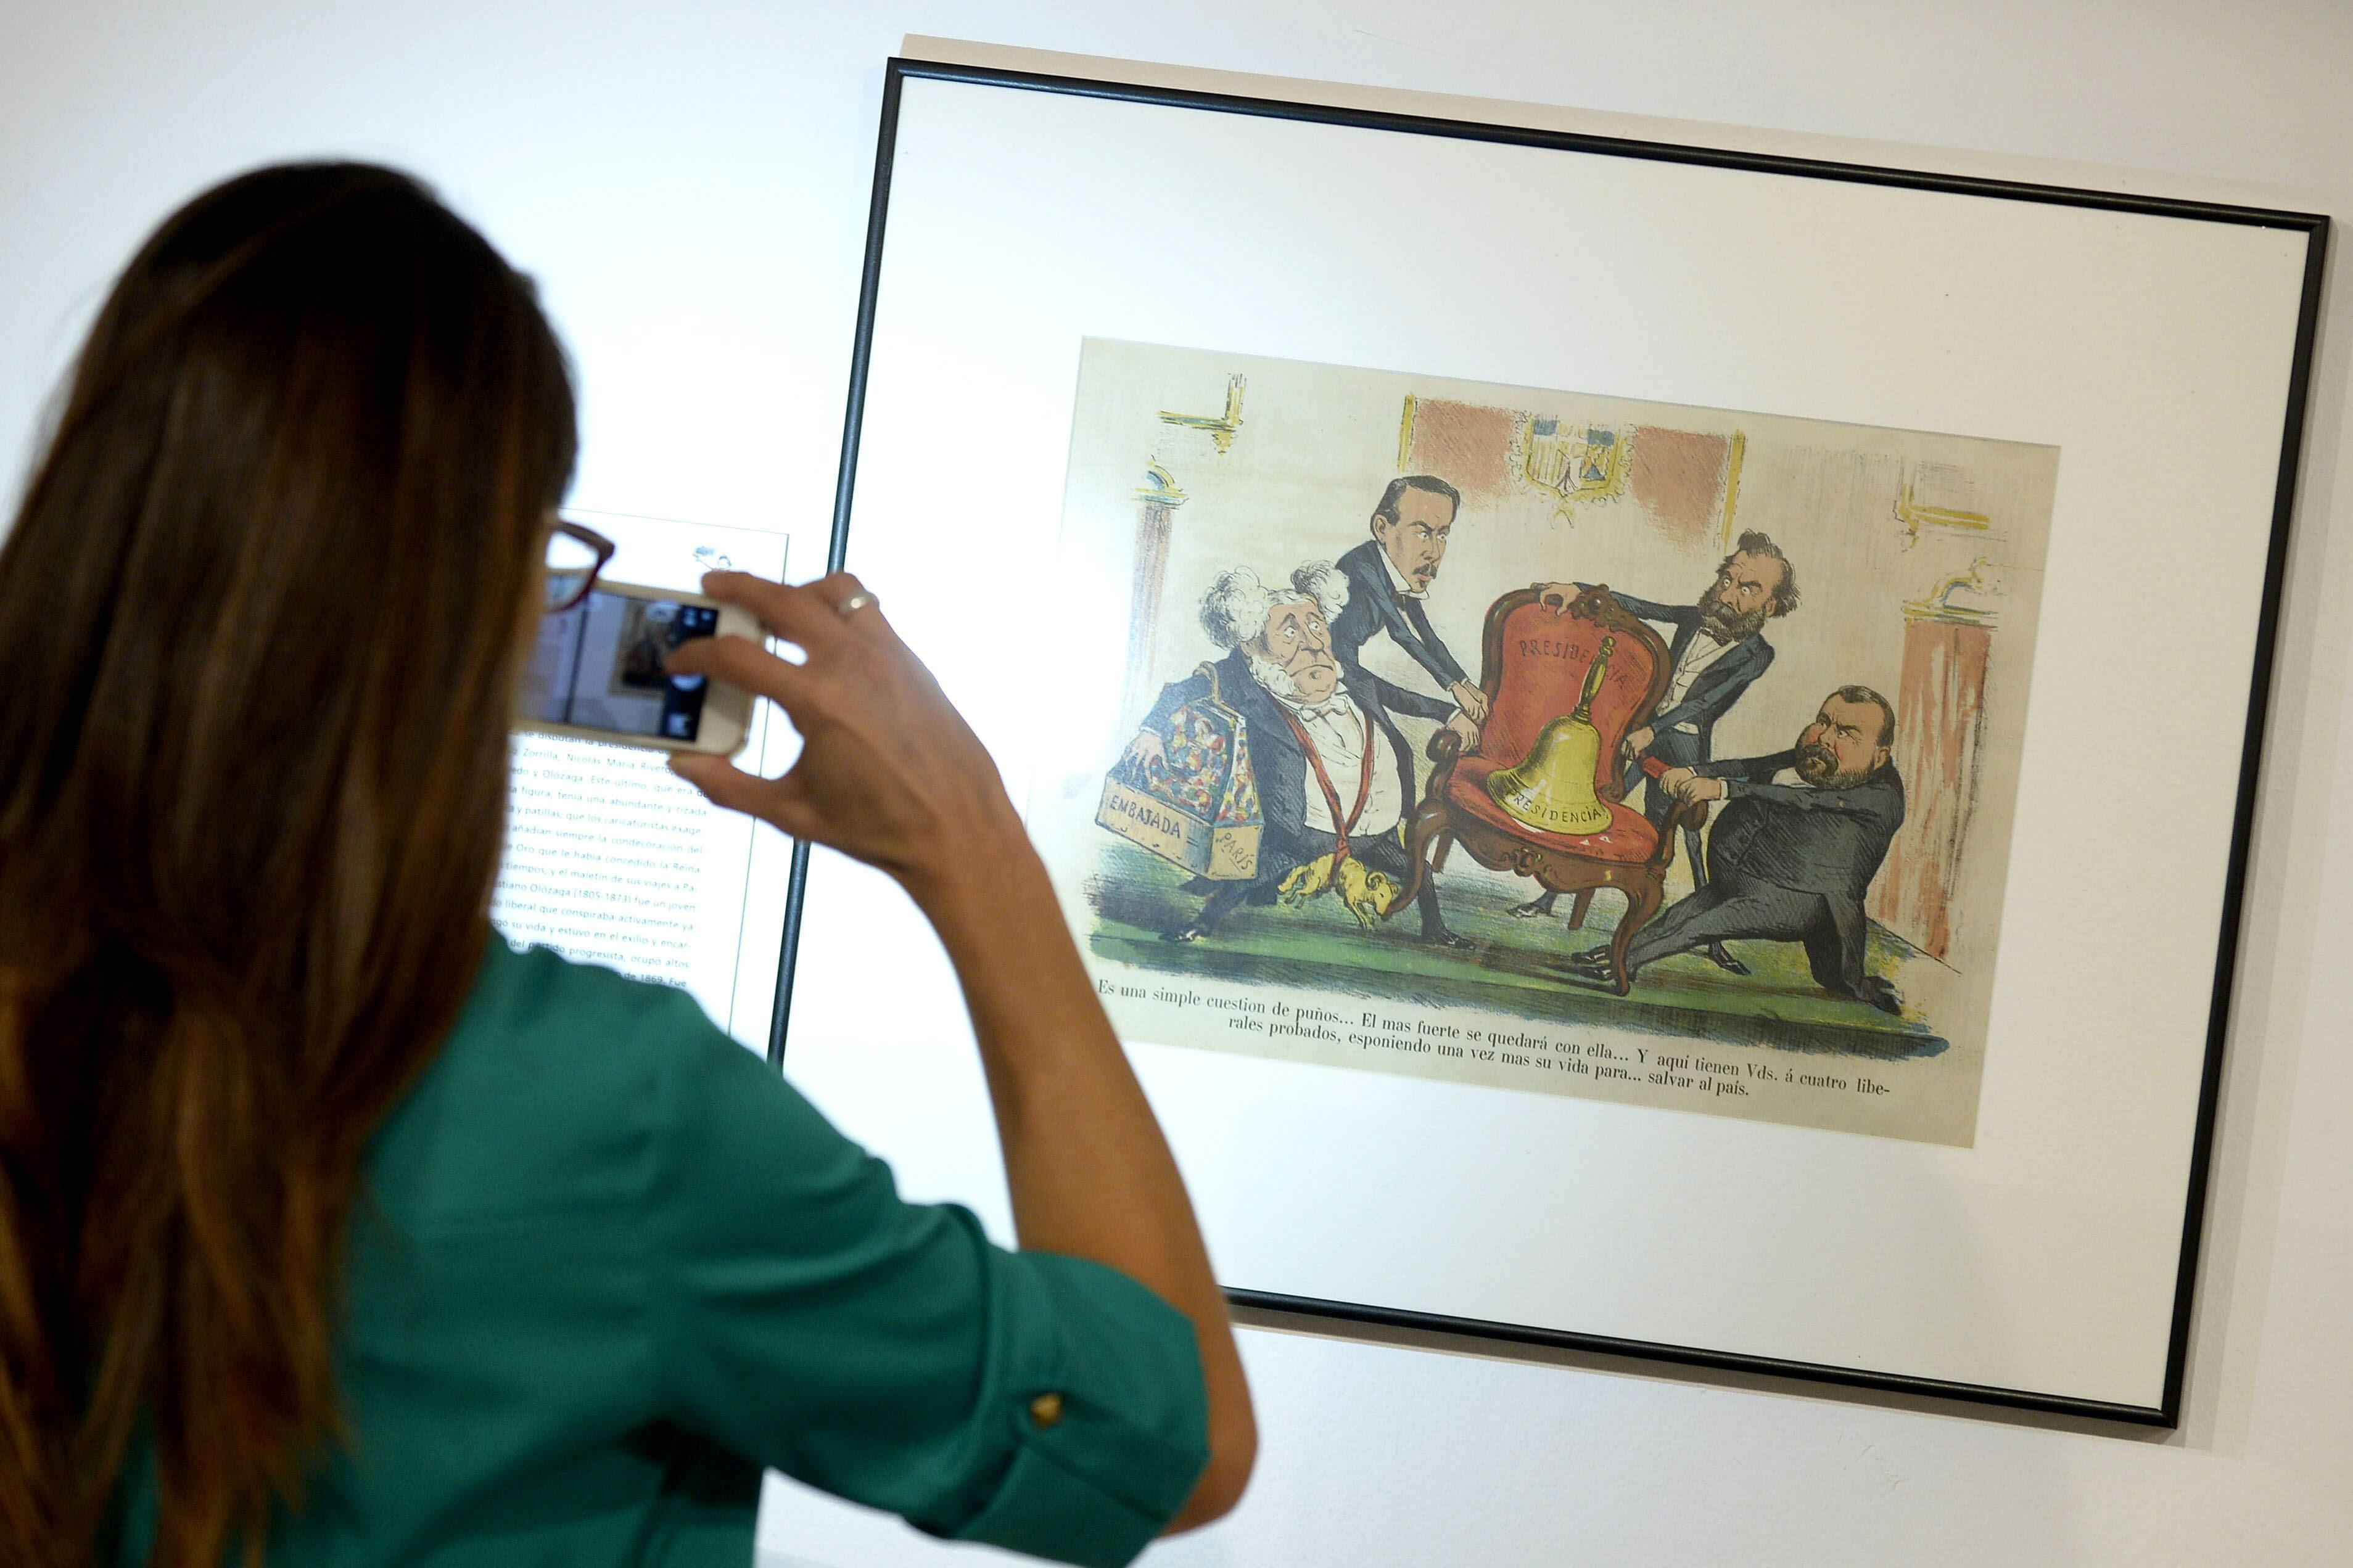 Una exposición narra la segunda mitad del XIX desde la crítica satírica